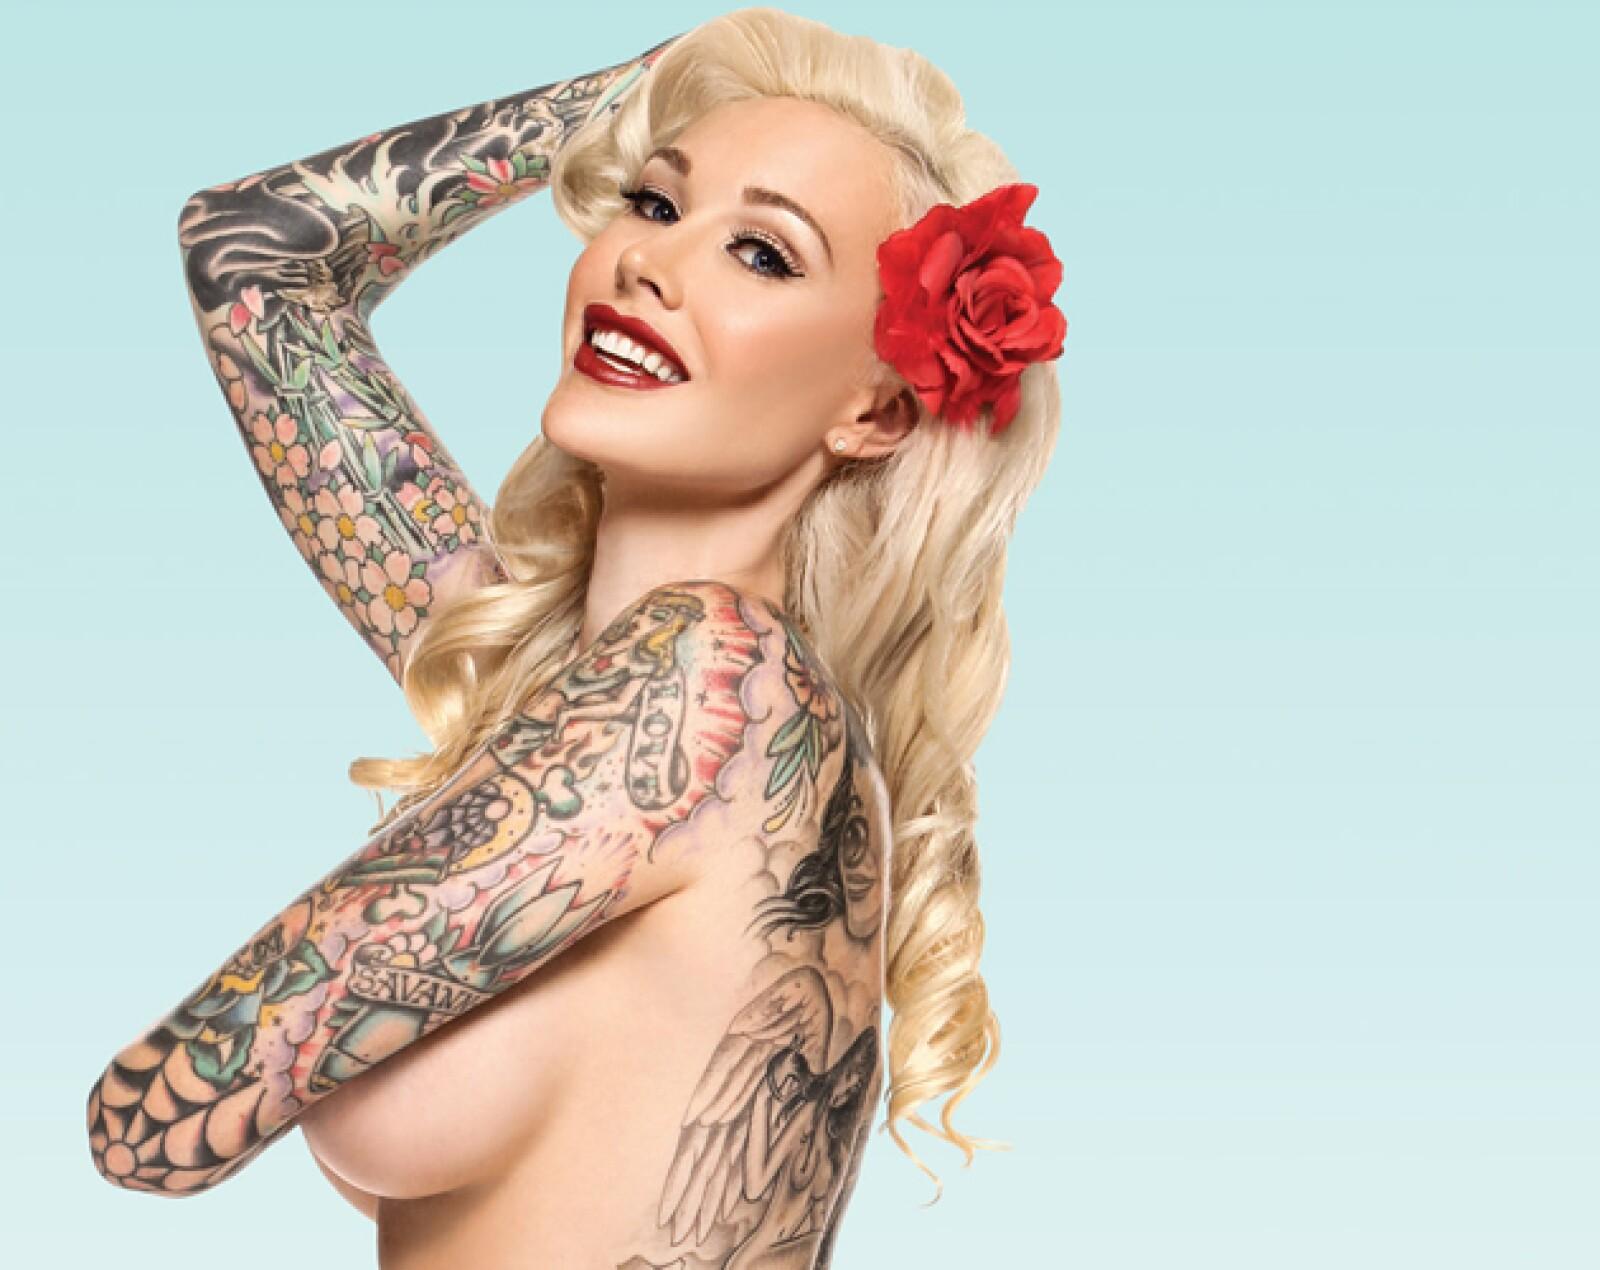 4. Sabina Kelley. Amante de los tatuajes, Kelley ayudó a redefinir la esencia del pin up en la actualidad.